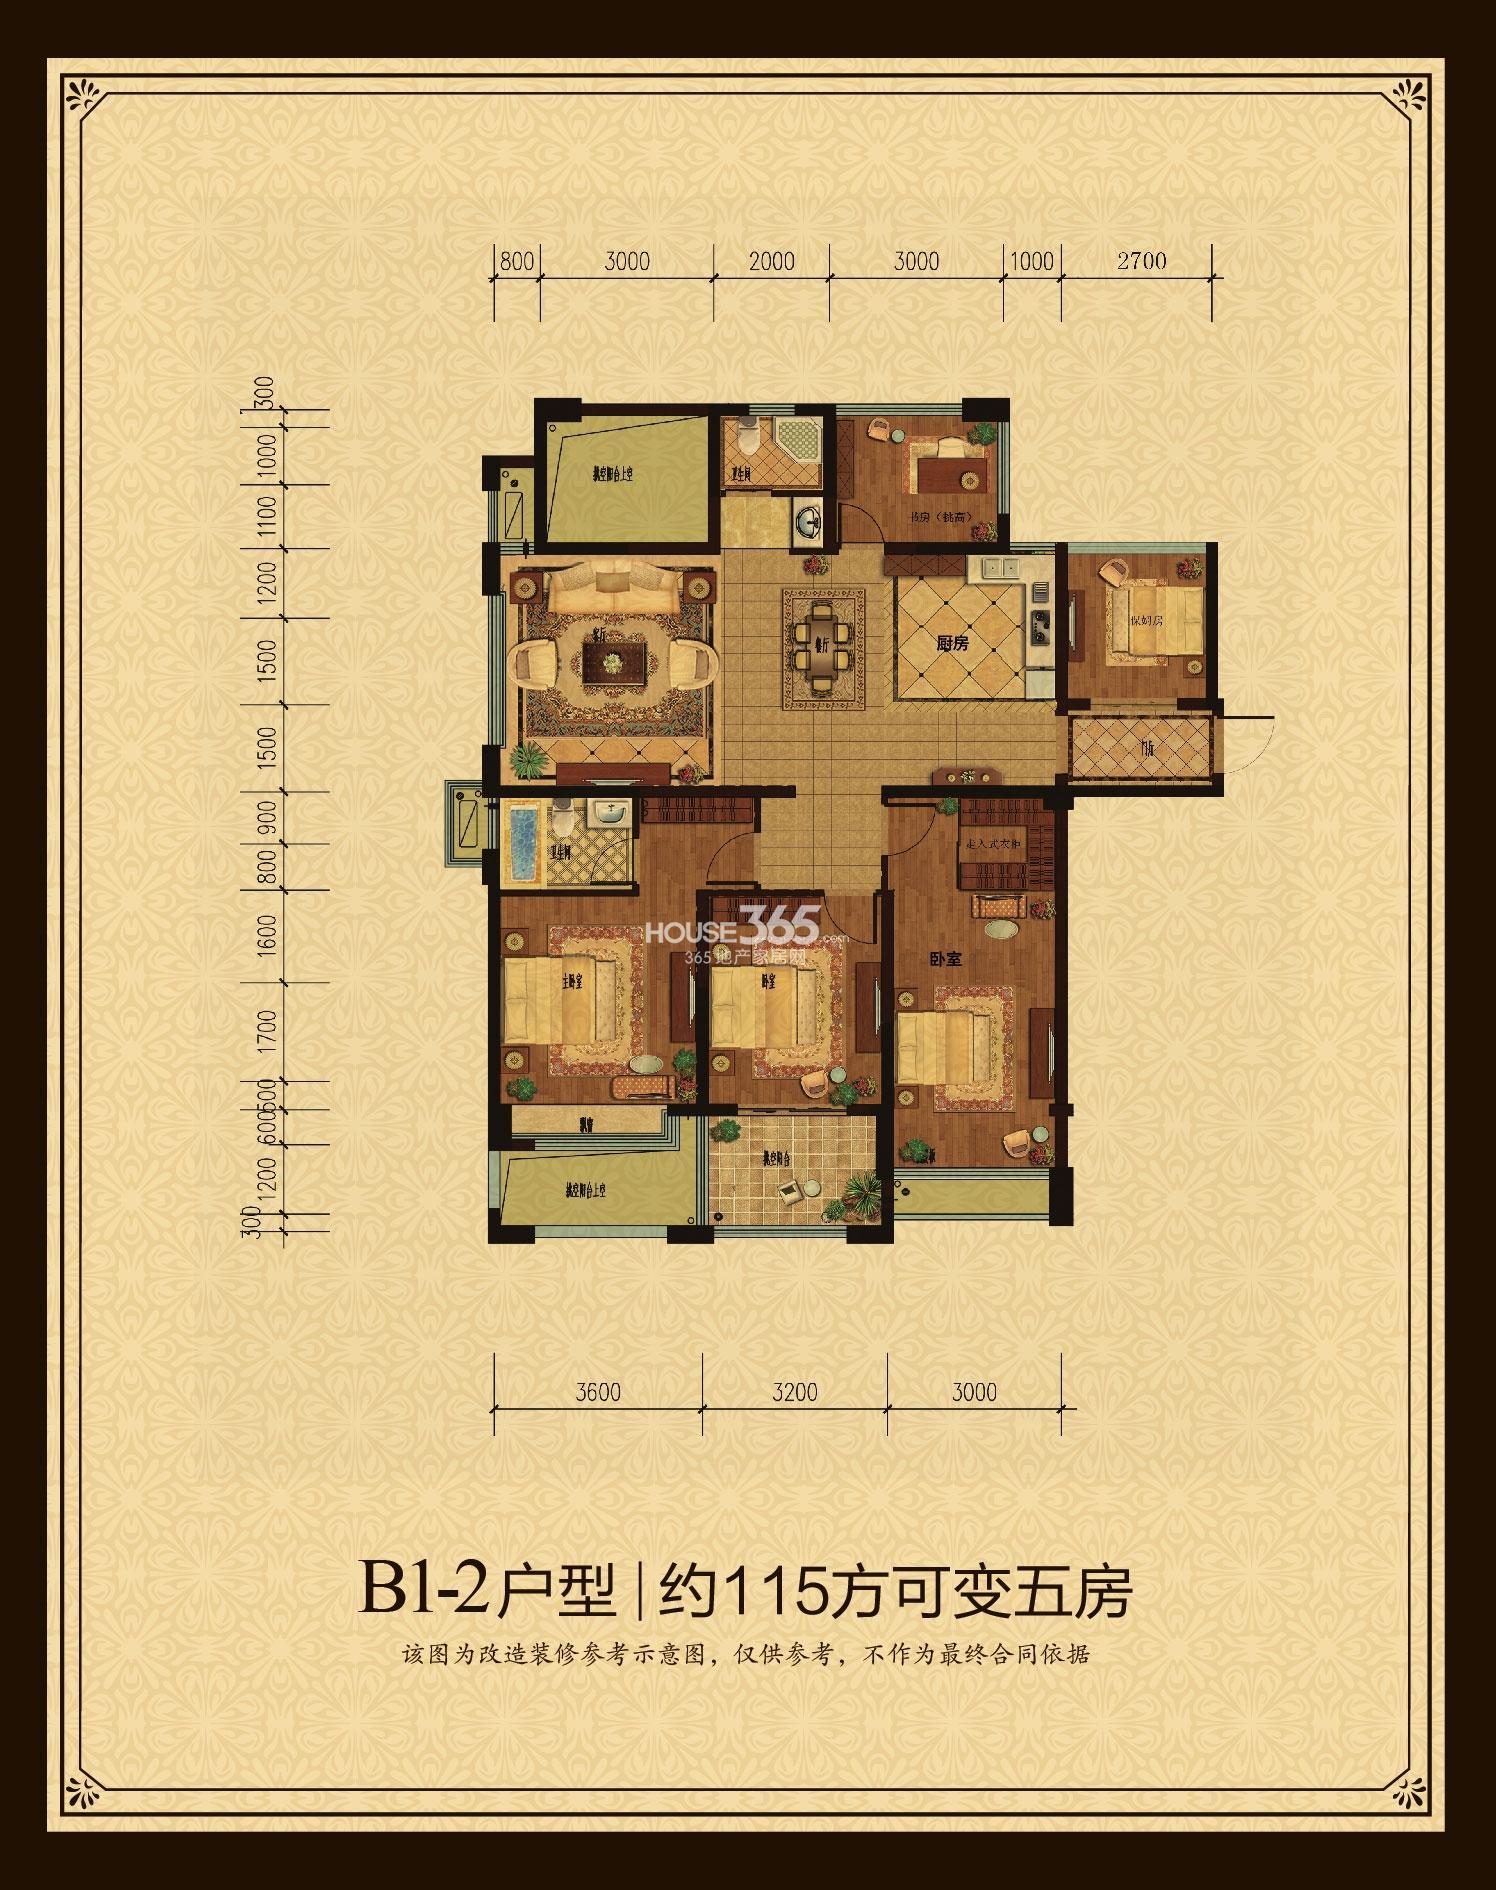 玲珑府8号楼B1-2户型约115方可做五房